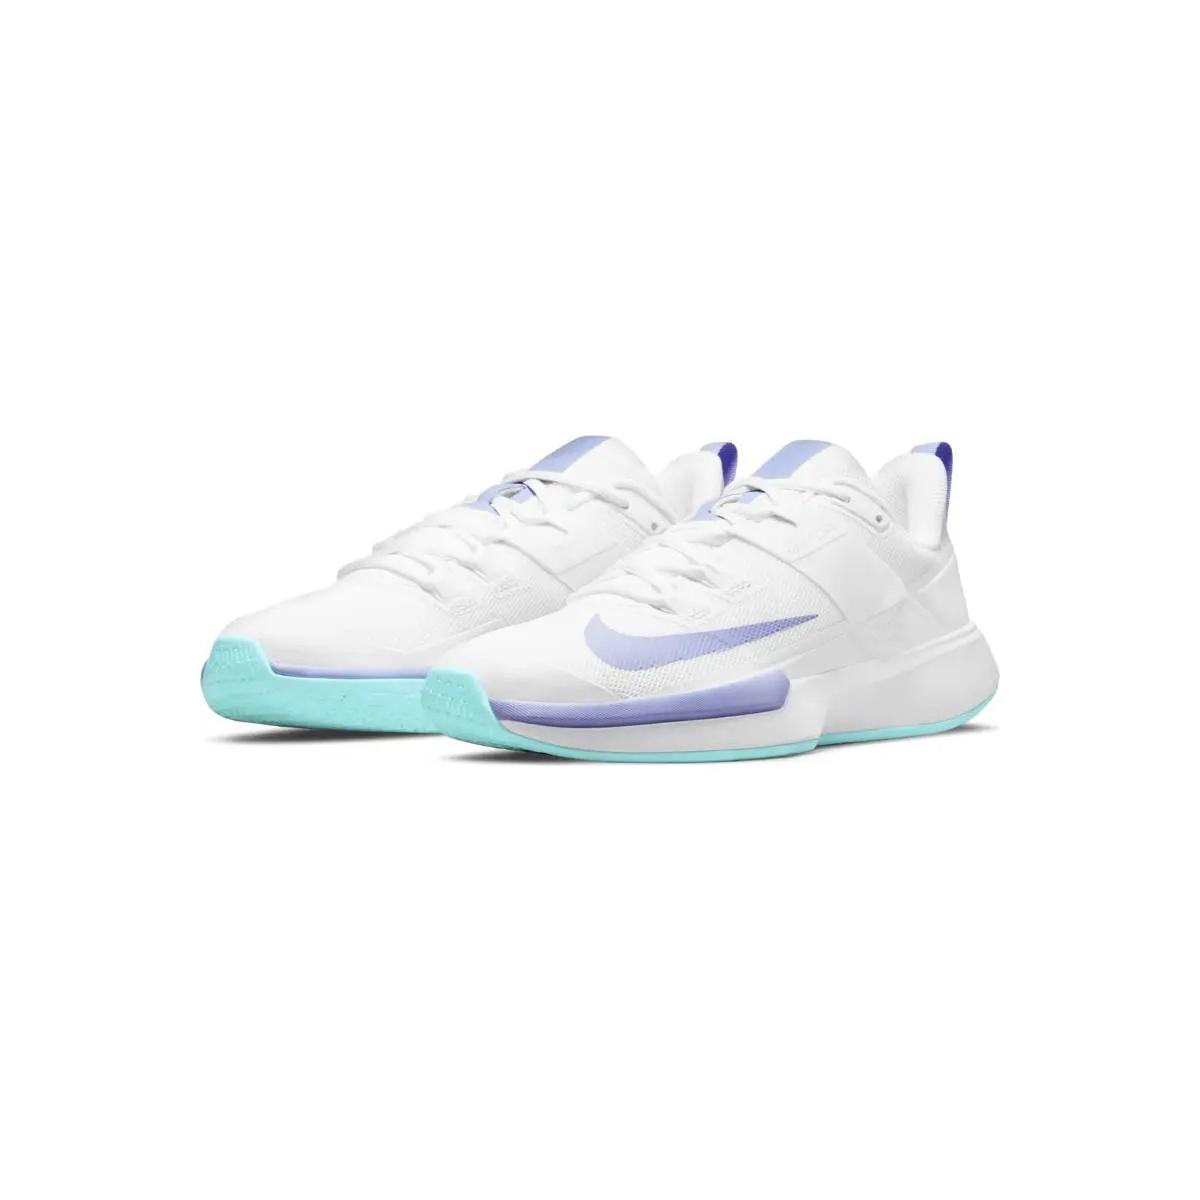 Court Vapor Lite Kadın Beyaz Tenis Ayakkabısı (DC3431-124)